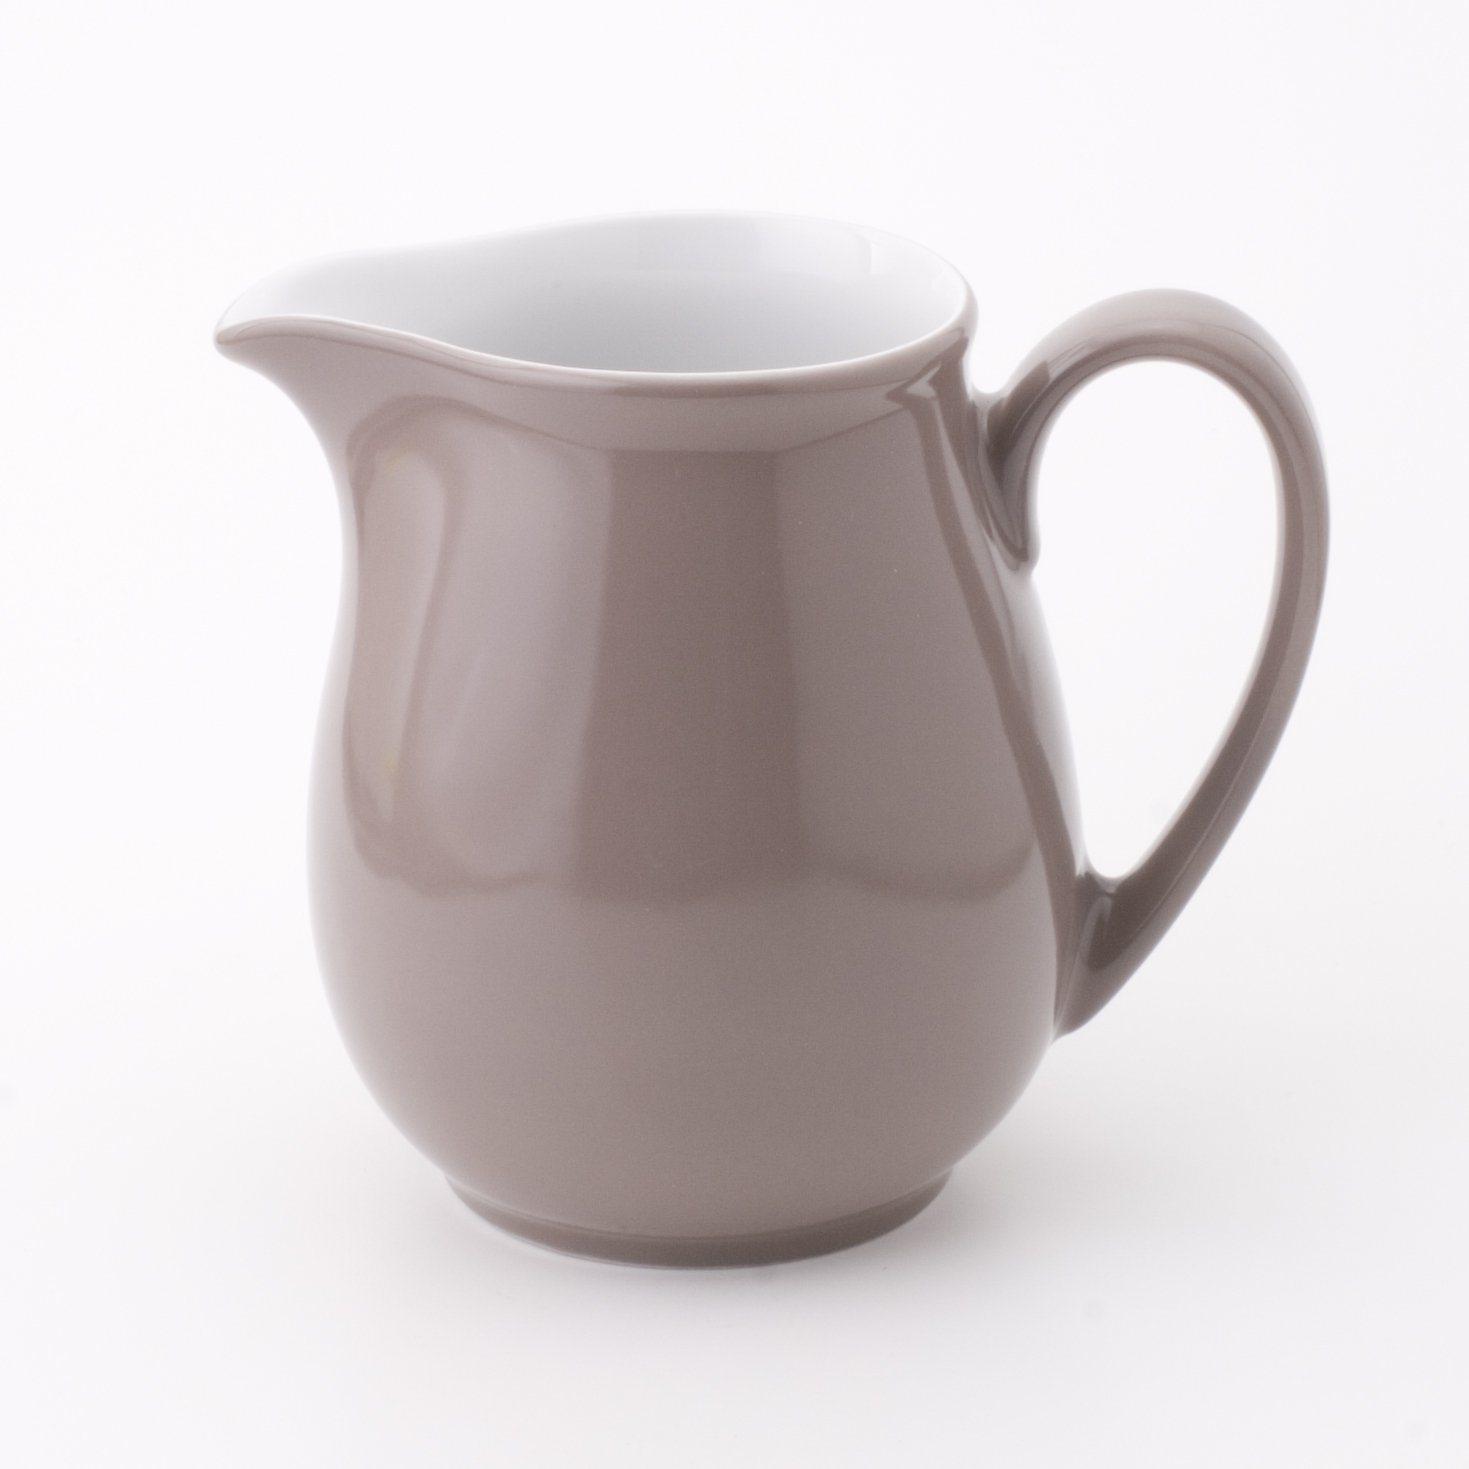 Kahla Krug »Pronto Colore«   Küche und Esszimmer > Besteck und Geschirr > Karaffen   Bunt   Porzellan   Kahla